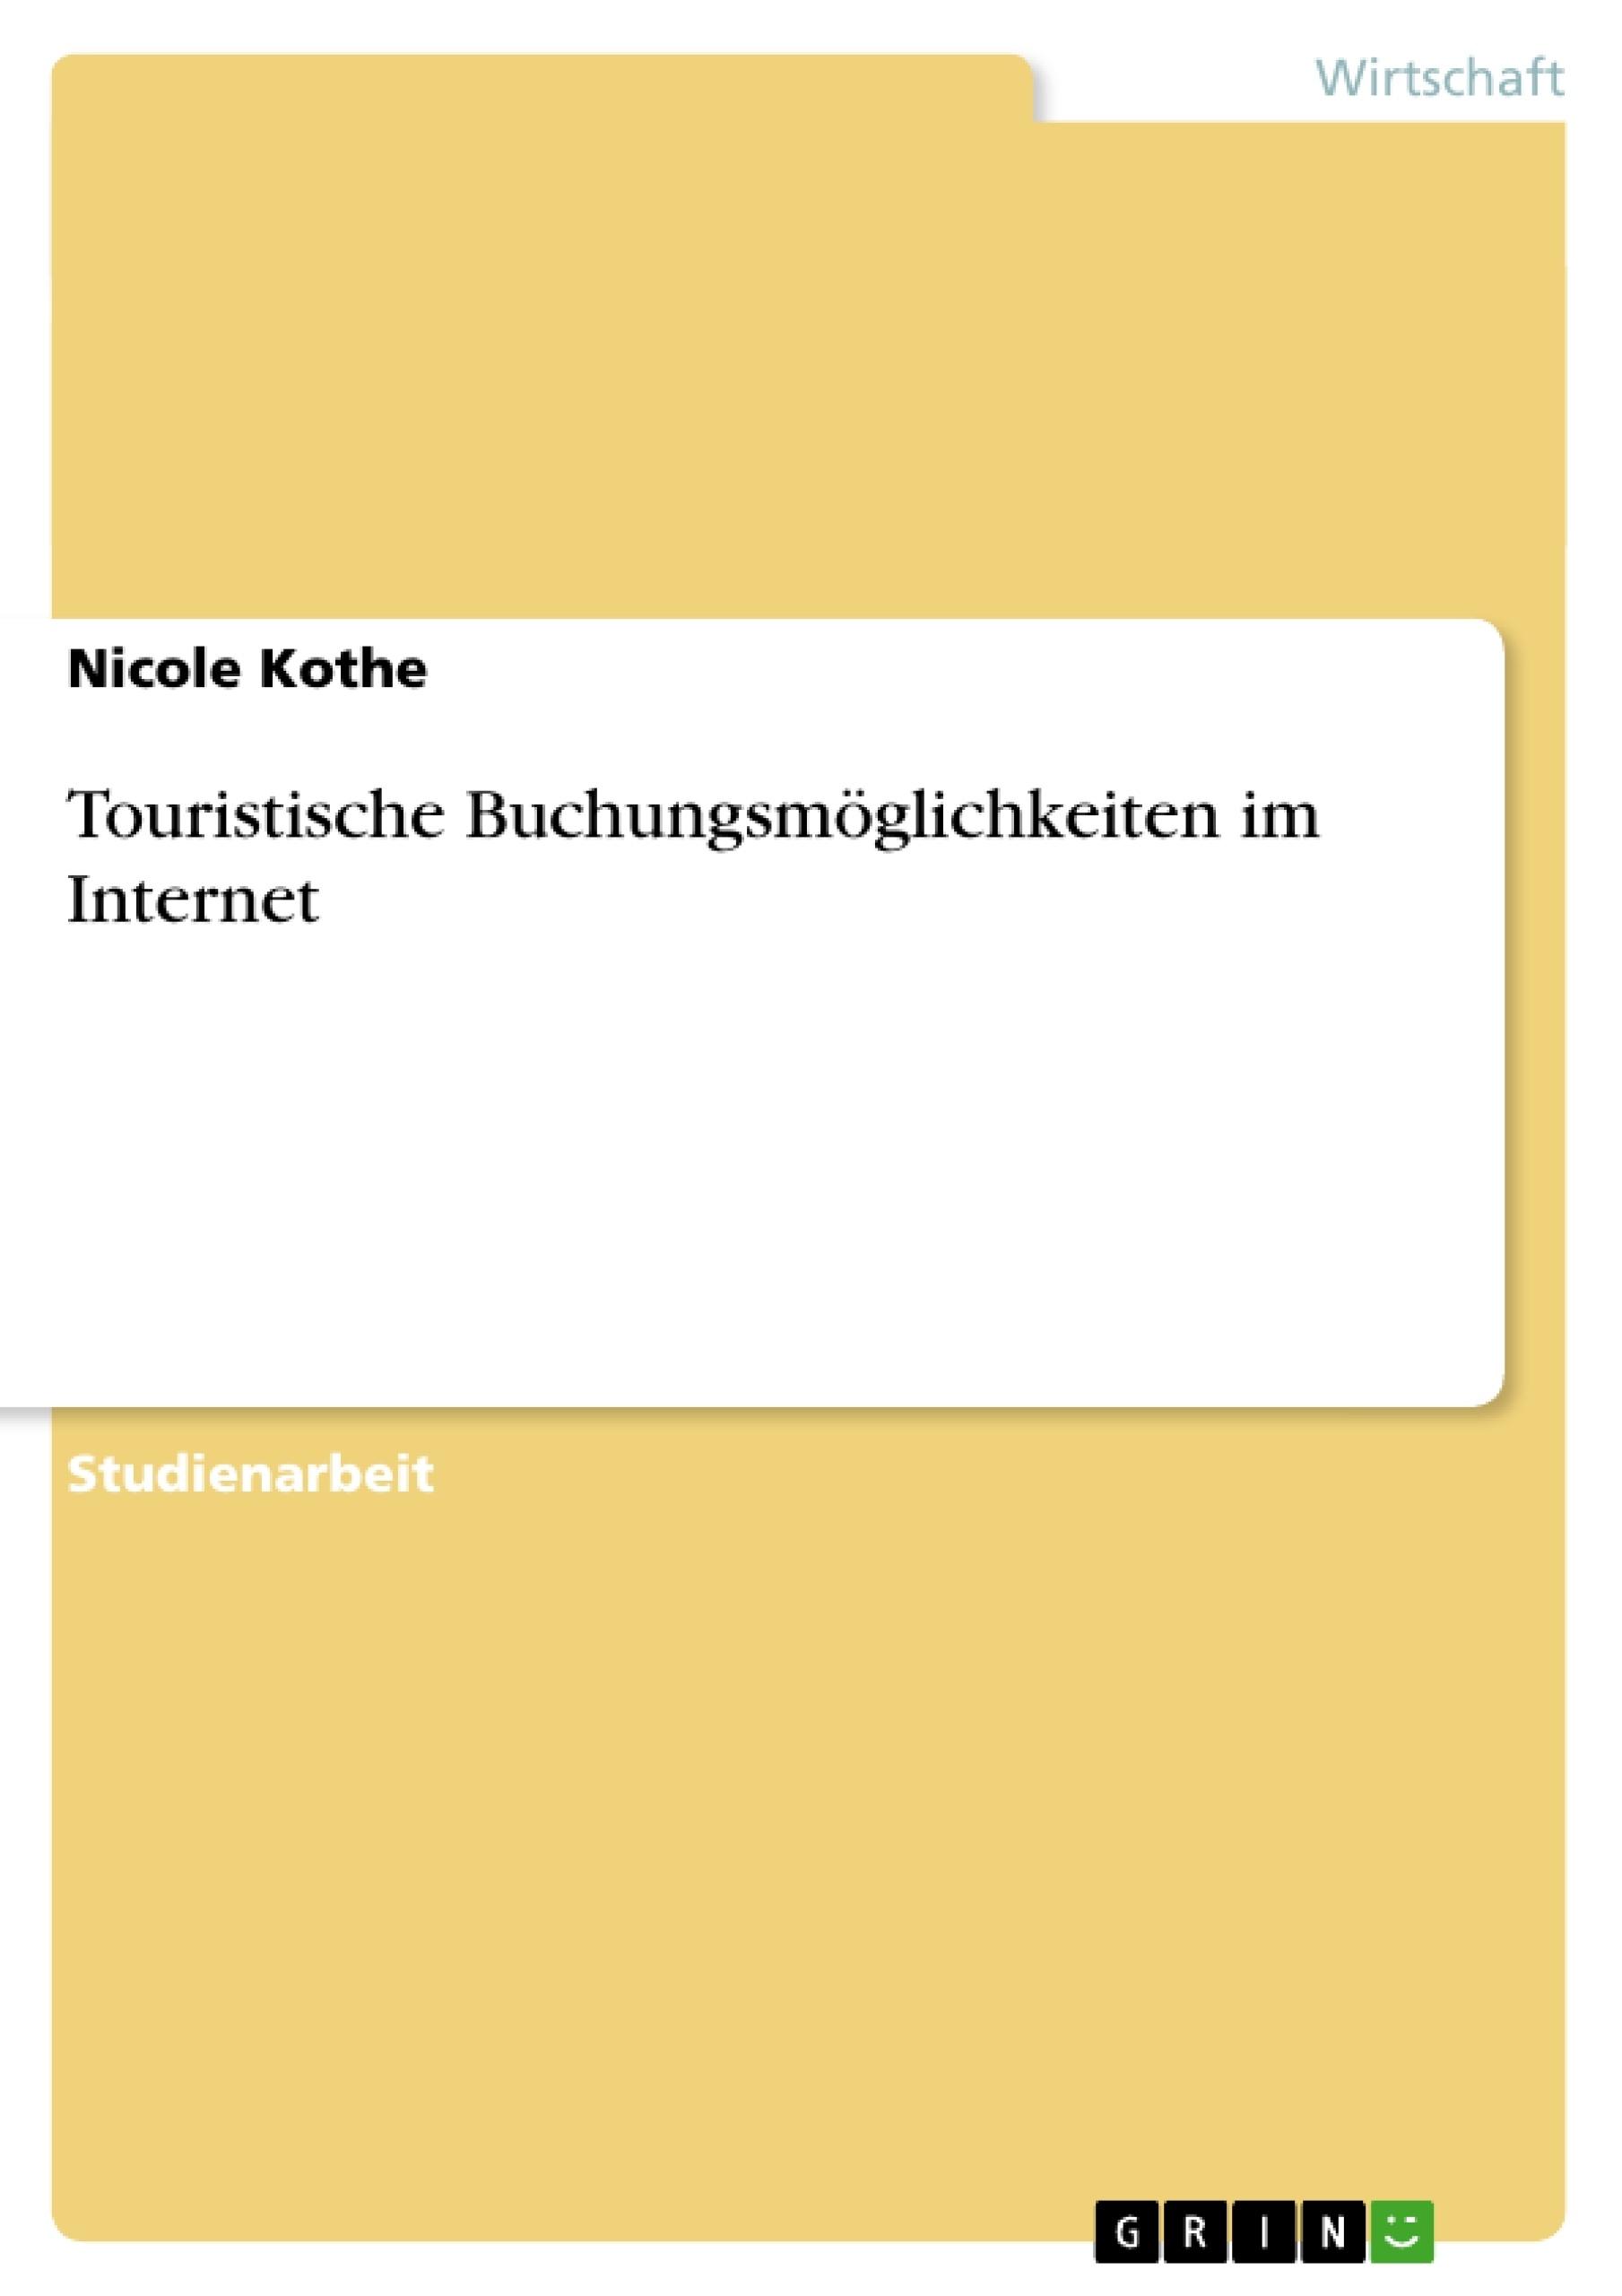 Titel: Touristische Buchungsmöglichkeiten im Internet